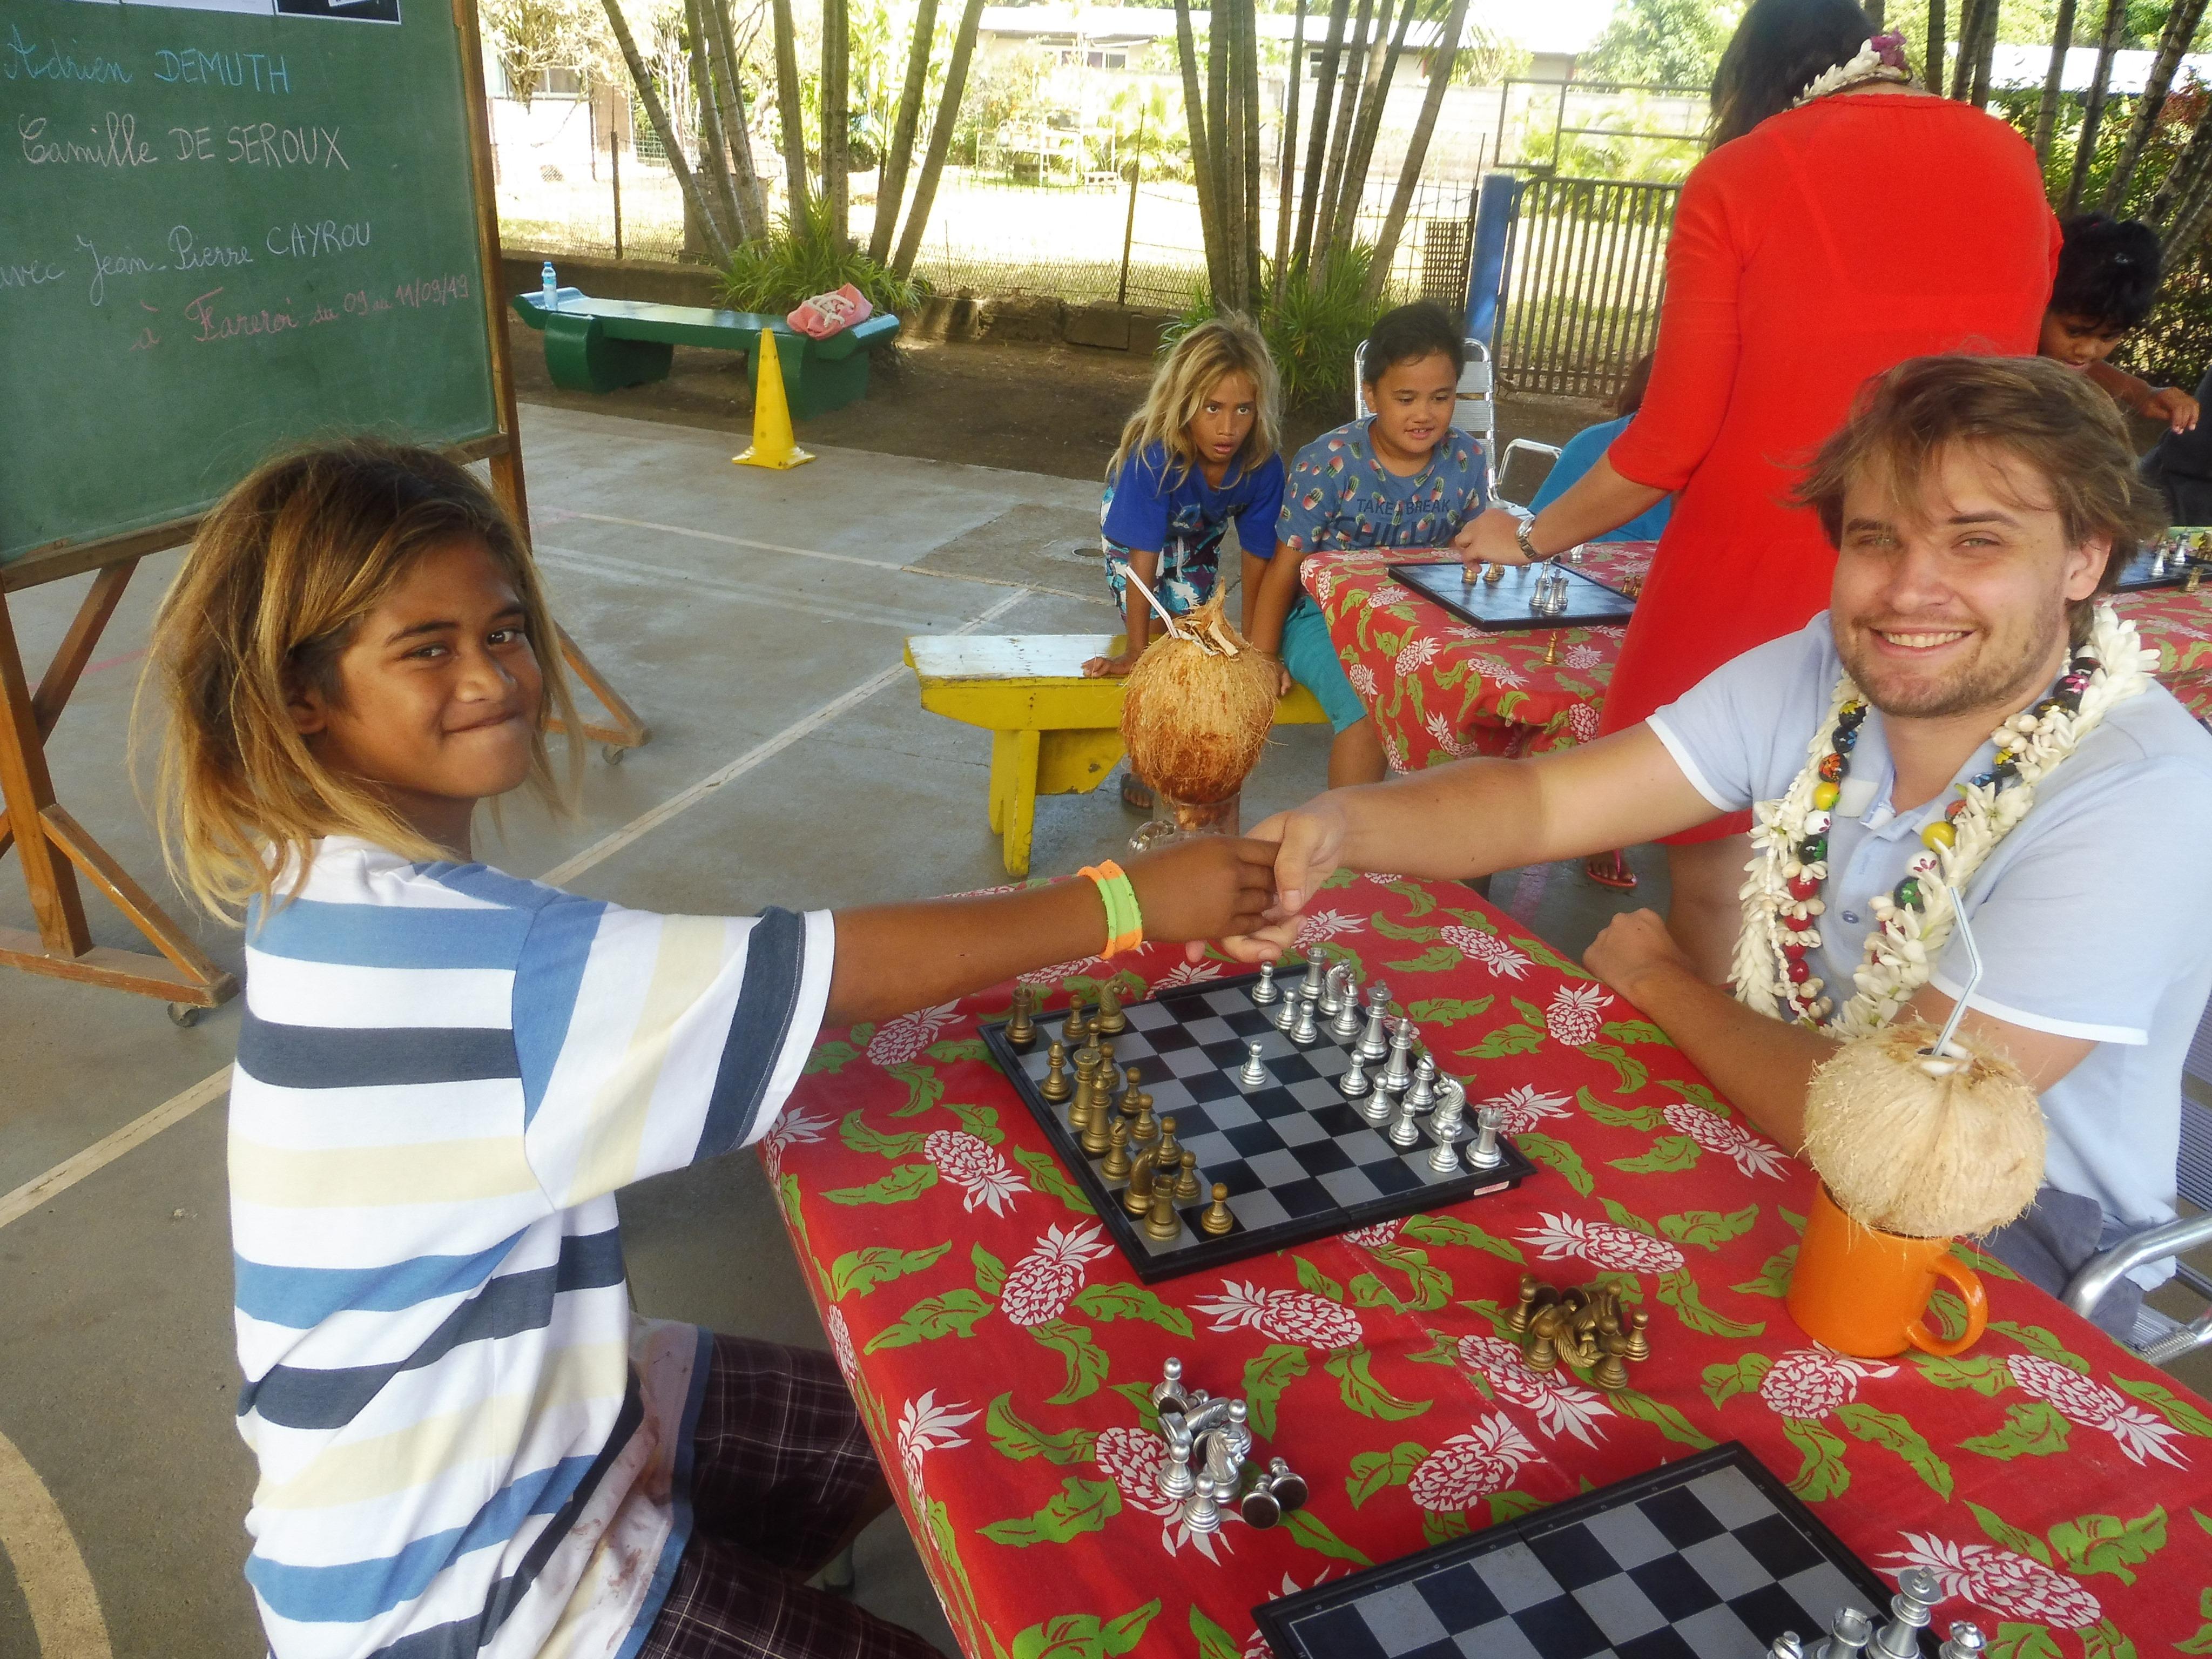 Le jeune Jacky, 10 ans, est l'un des meilleurs joueurs d'échecs de Fareroi. Il a tenu à défier Adrien pour une partie.